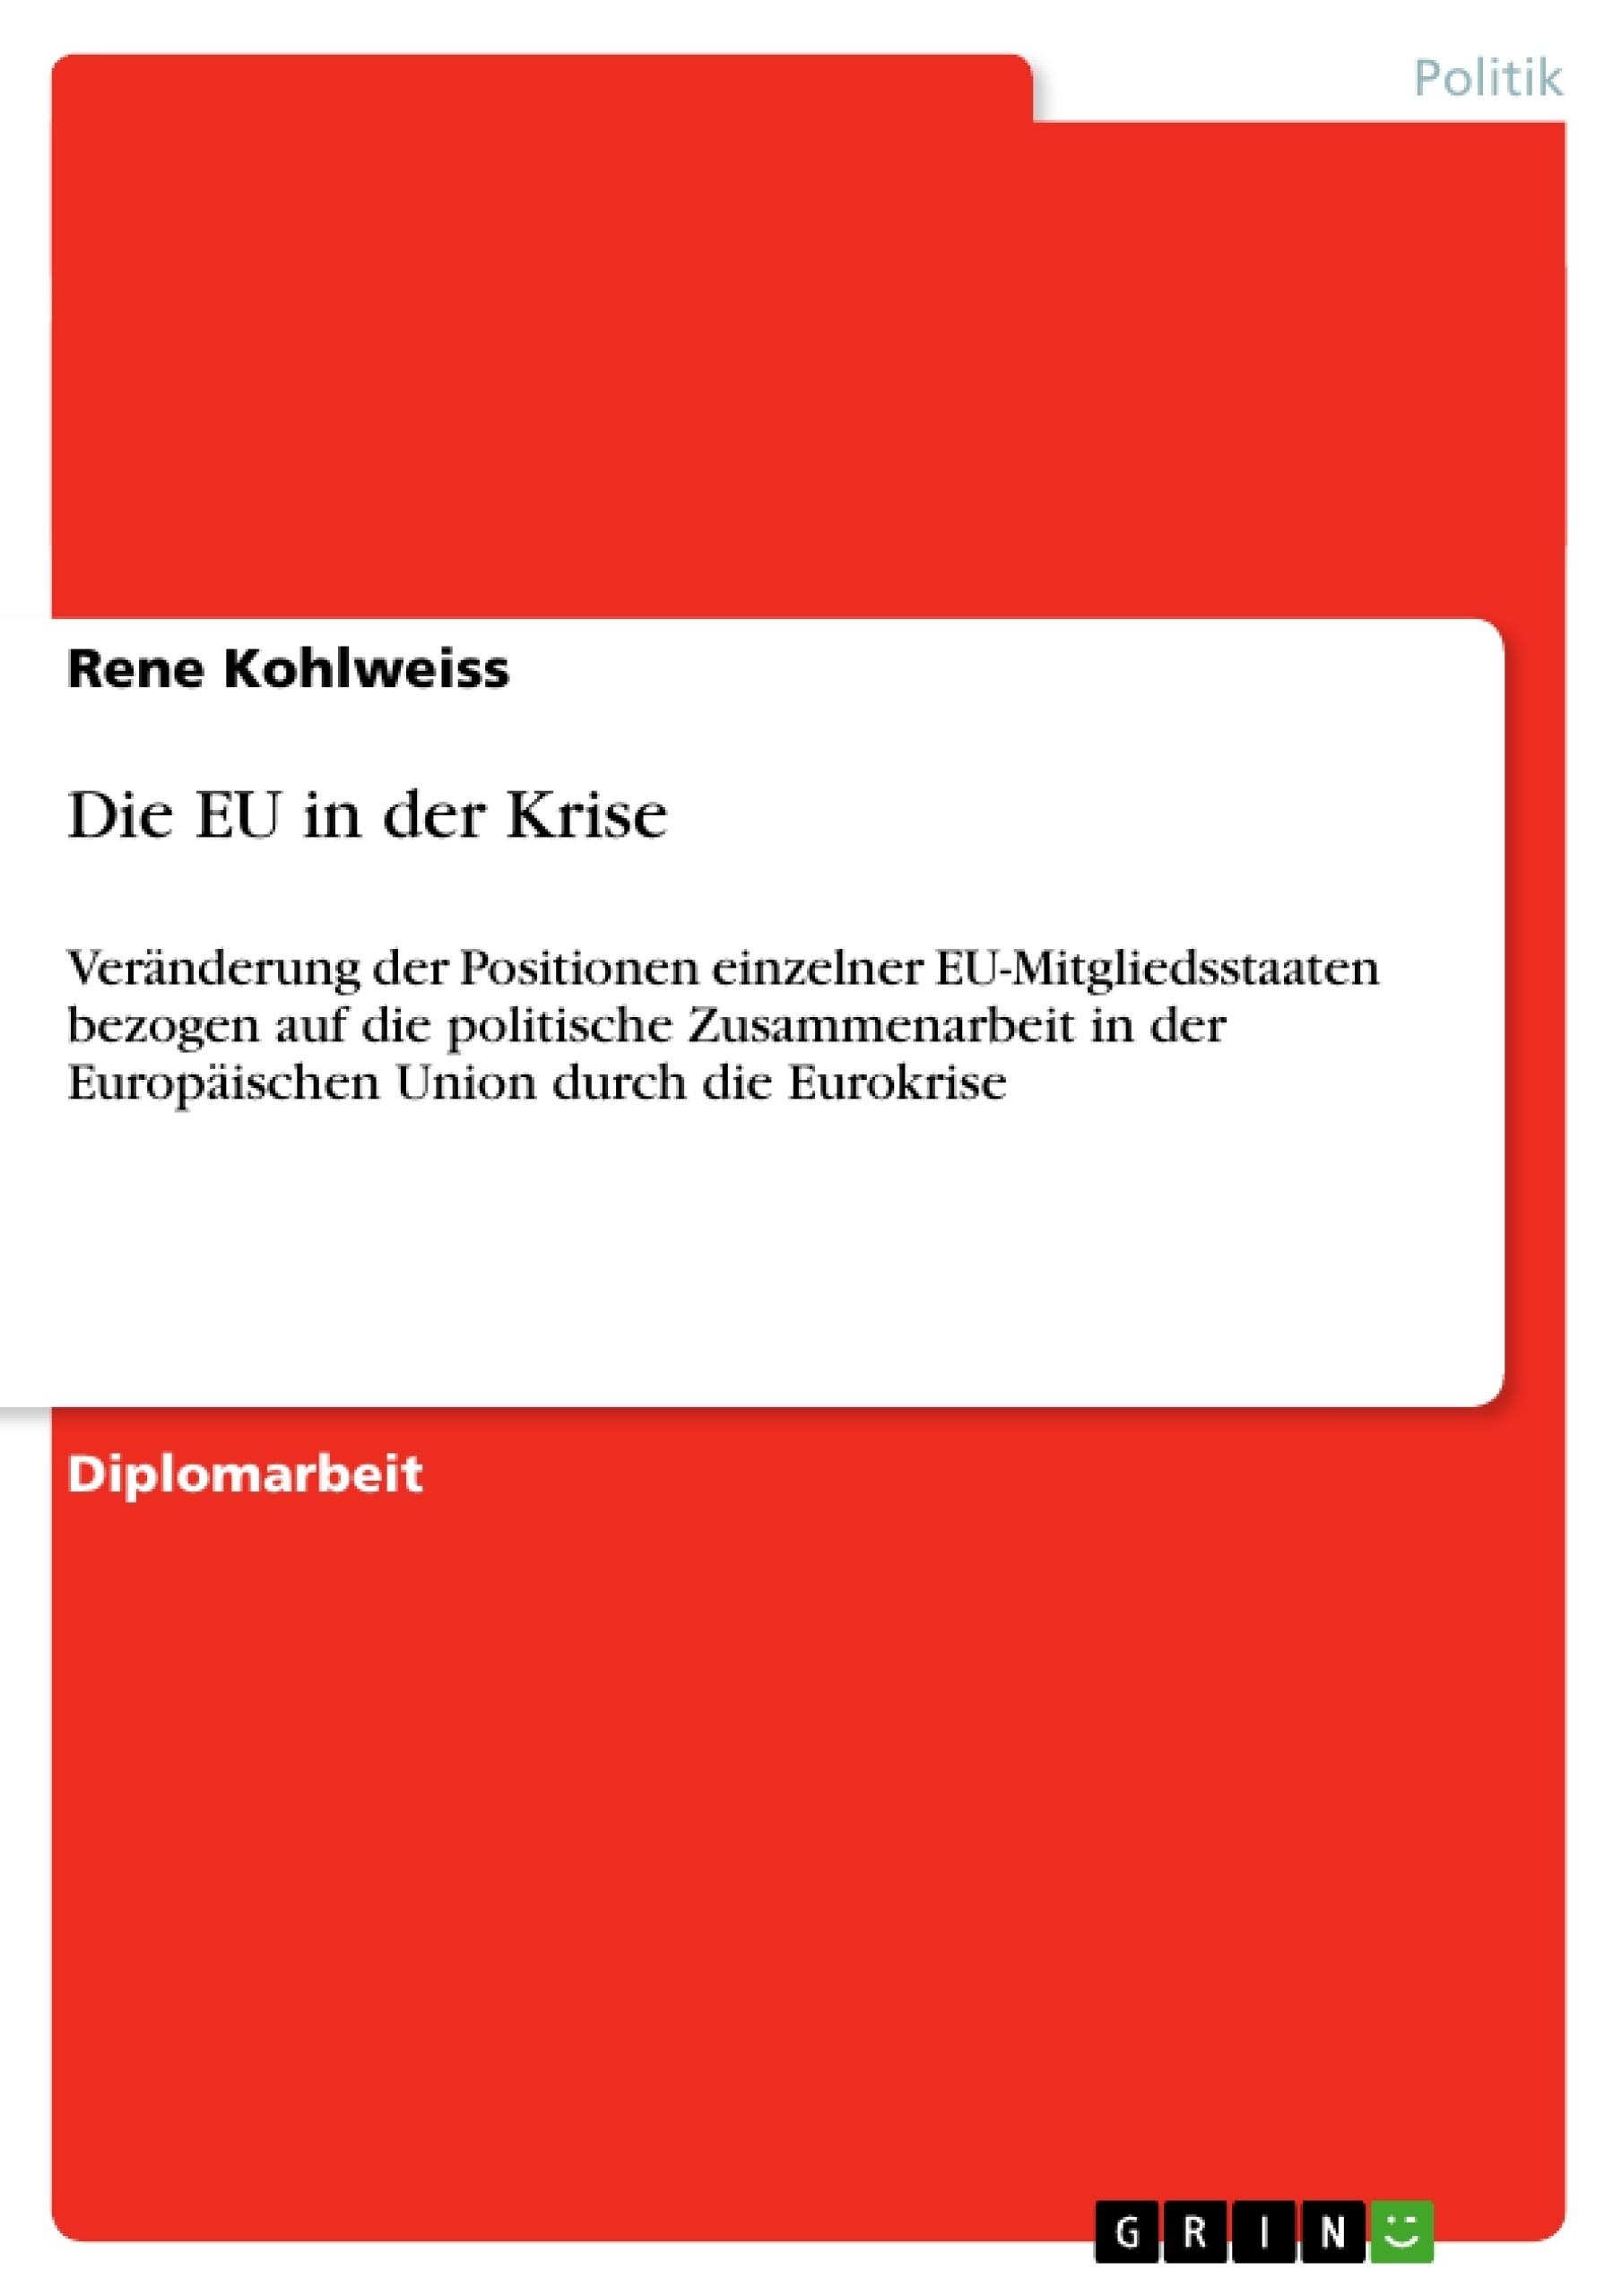 Titel: Die EU in der Krise